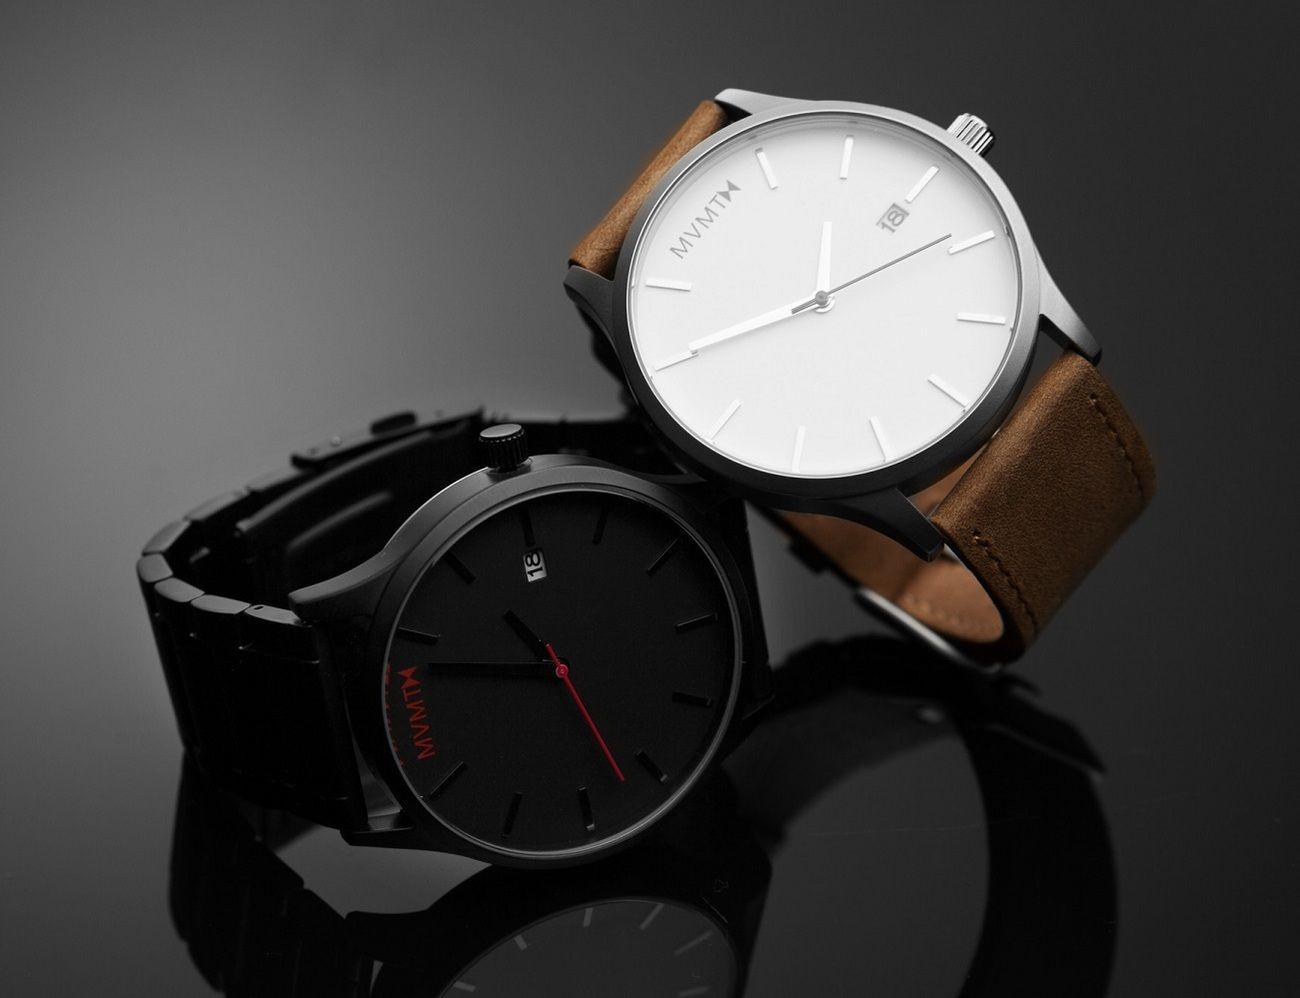 8 thương hiệu đồng hồ nổi tiếng bạn cần biết18